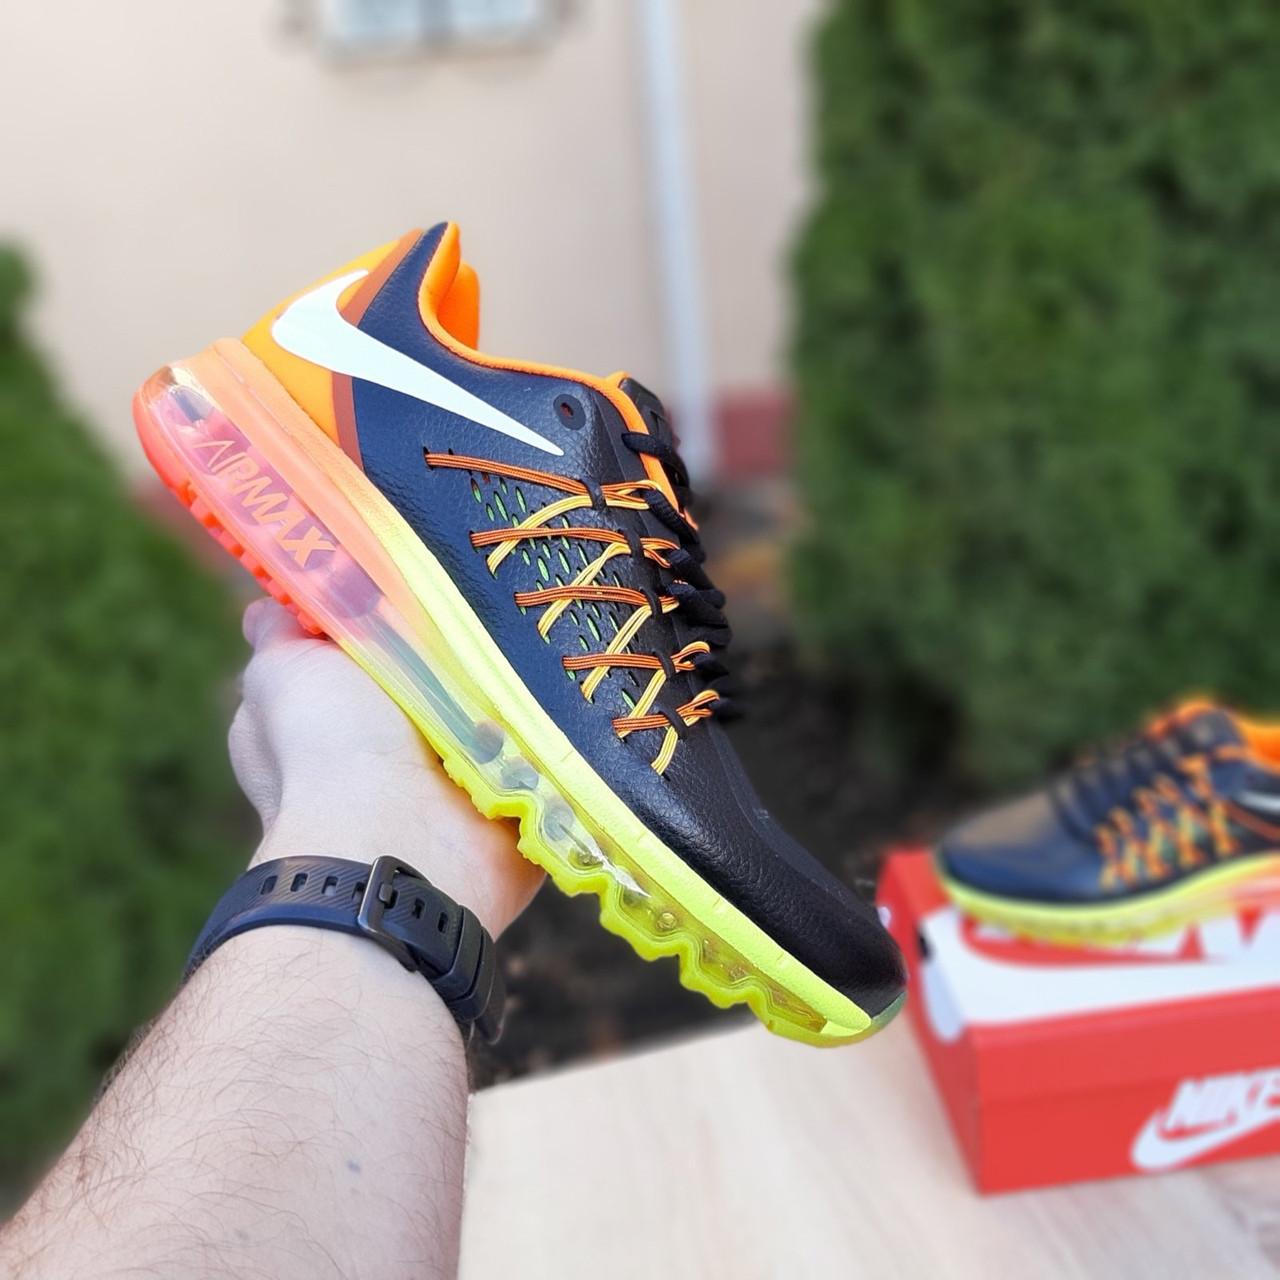 Кроссовки мужские распродажа АКЦИЯ 750 грн Nike 41(26см) последние размеры люкс копия